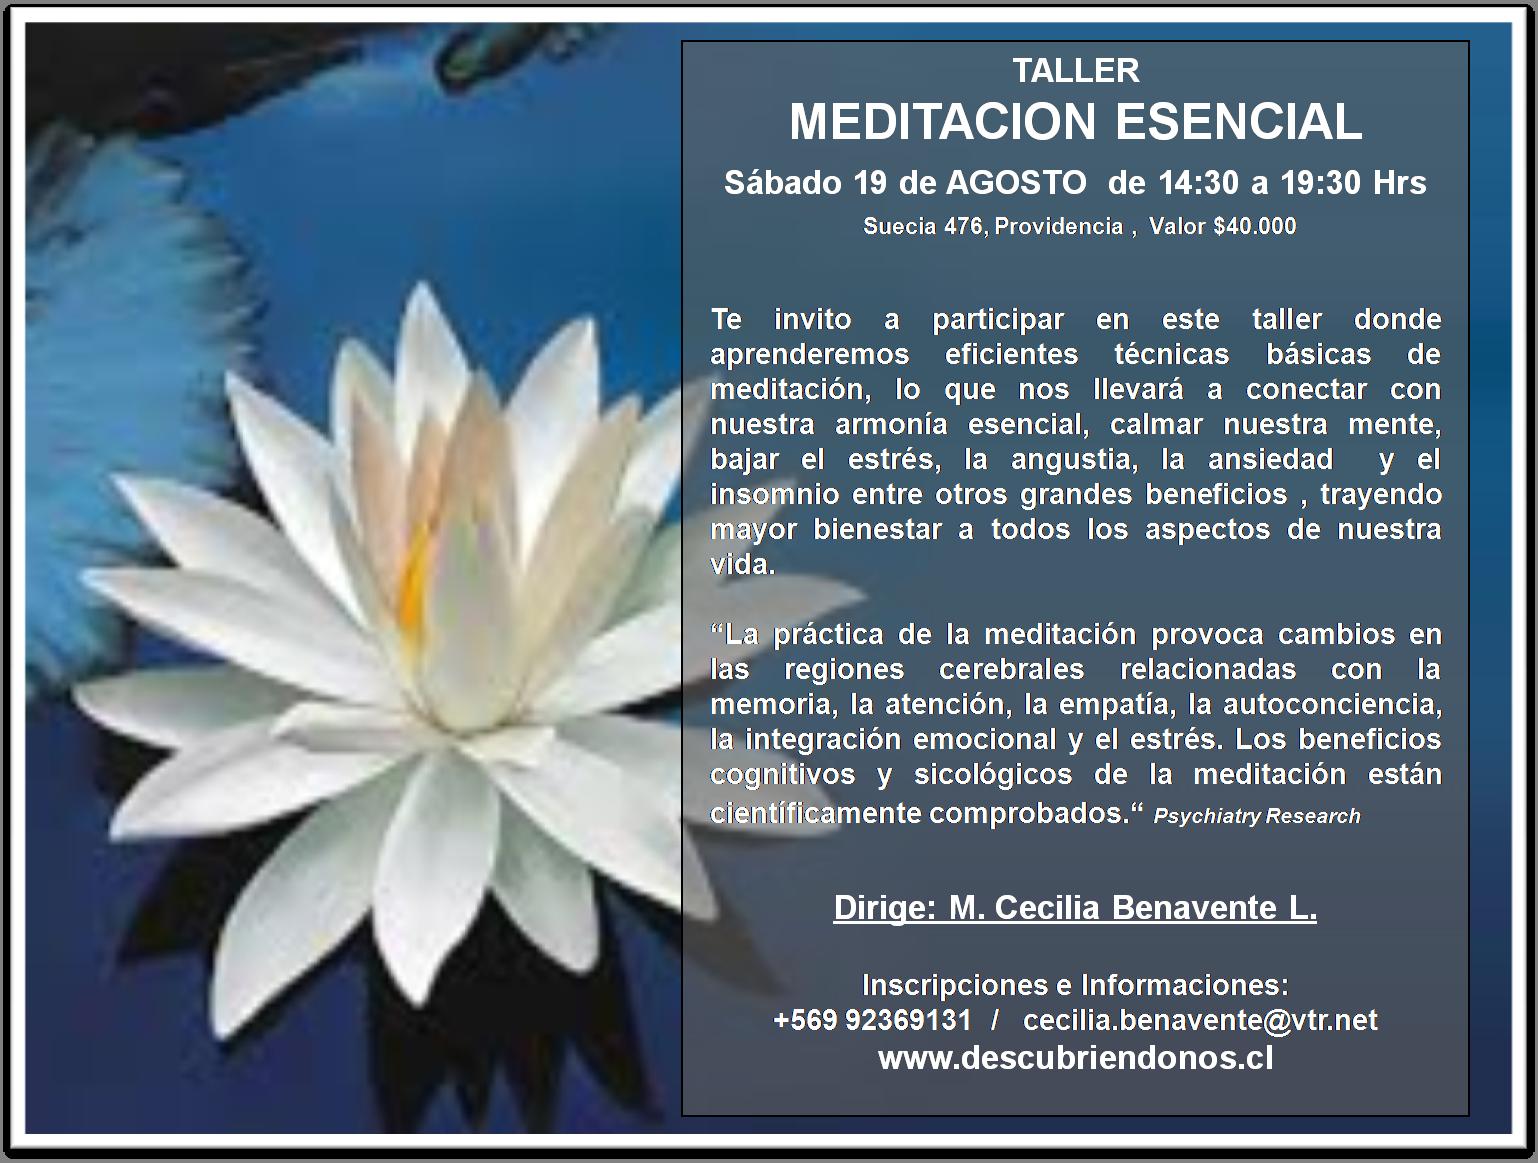 Taller Meditación Esencial